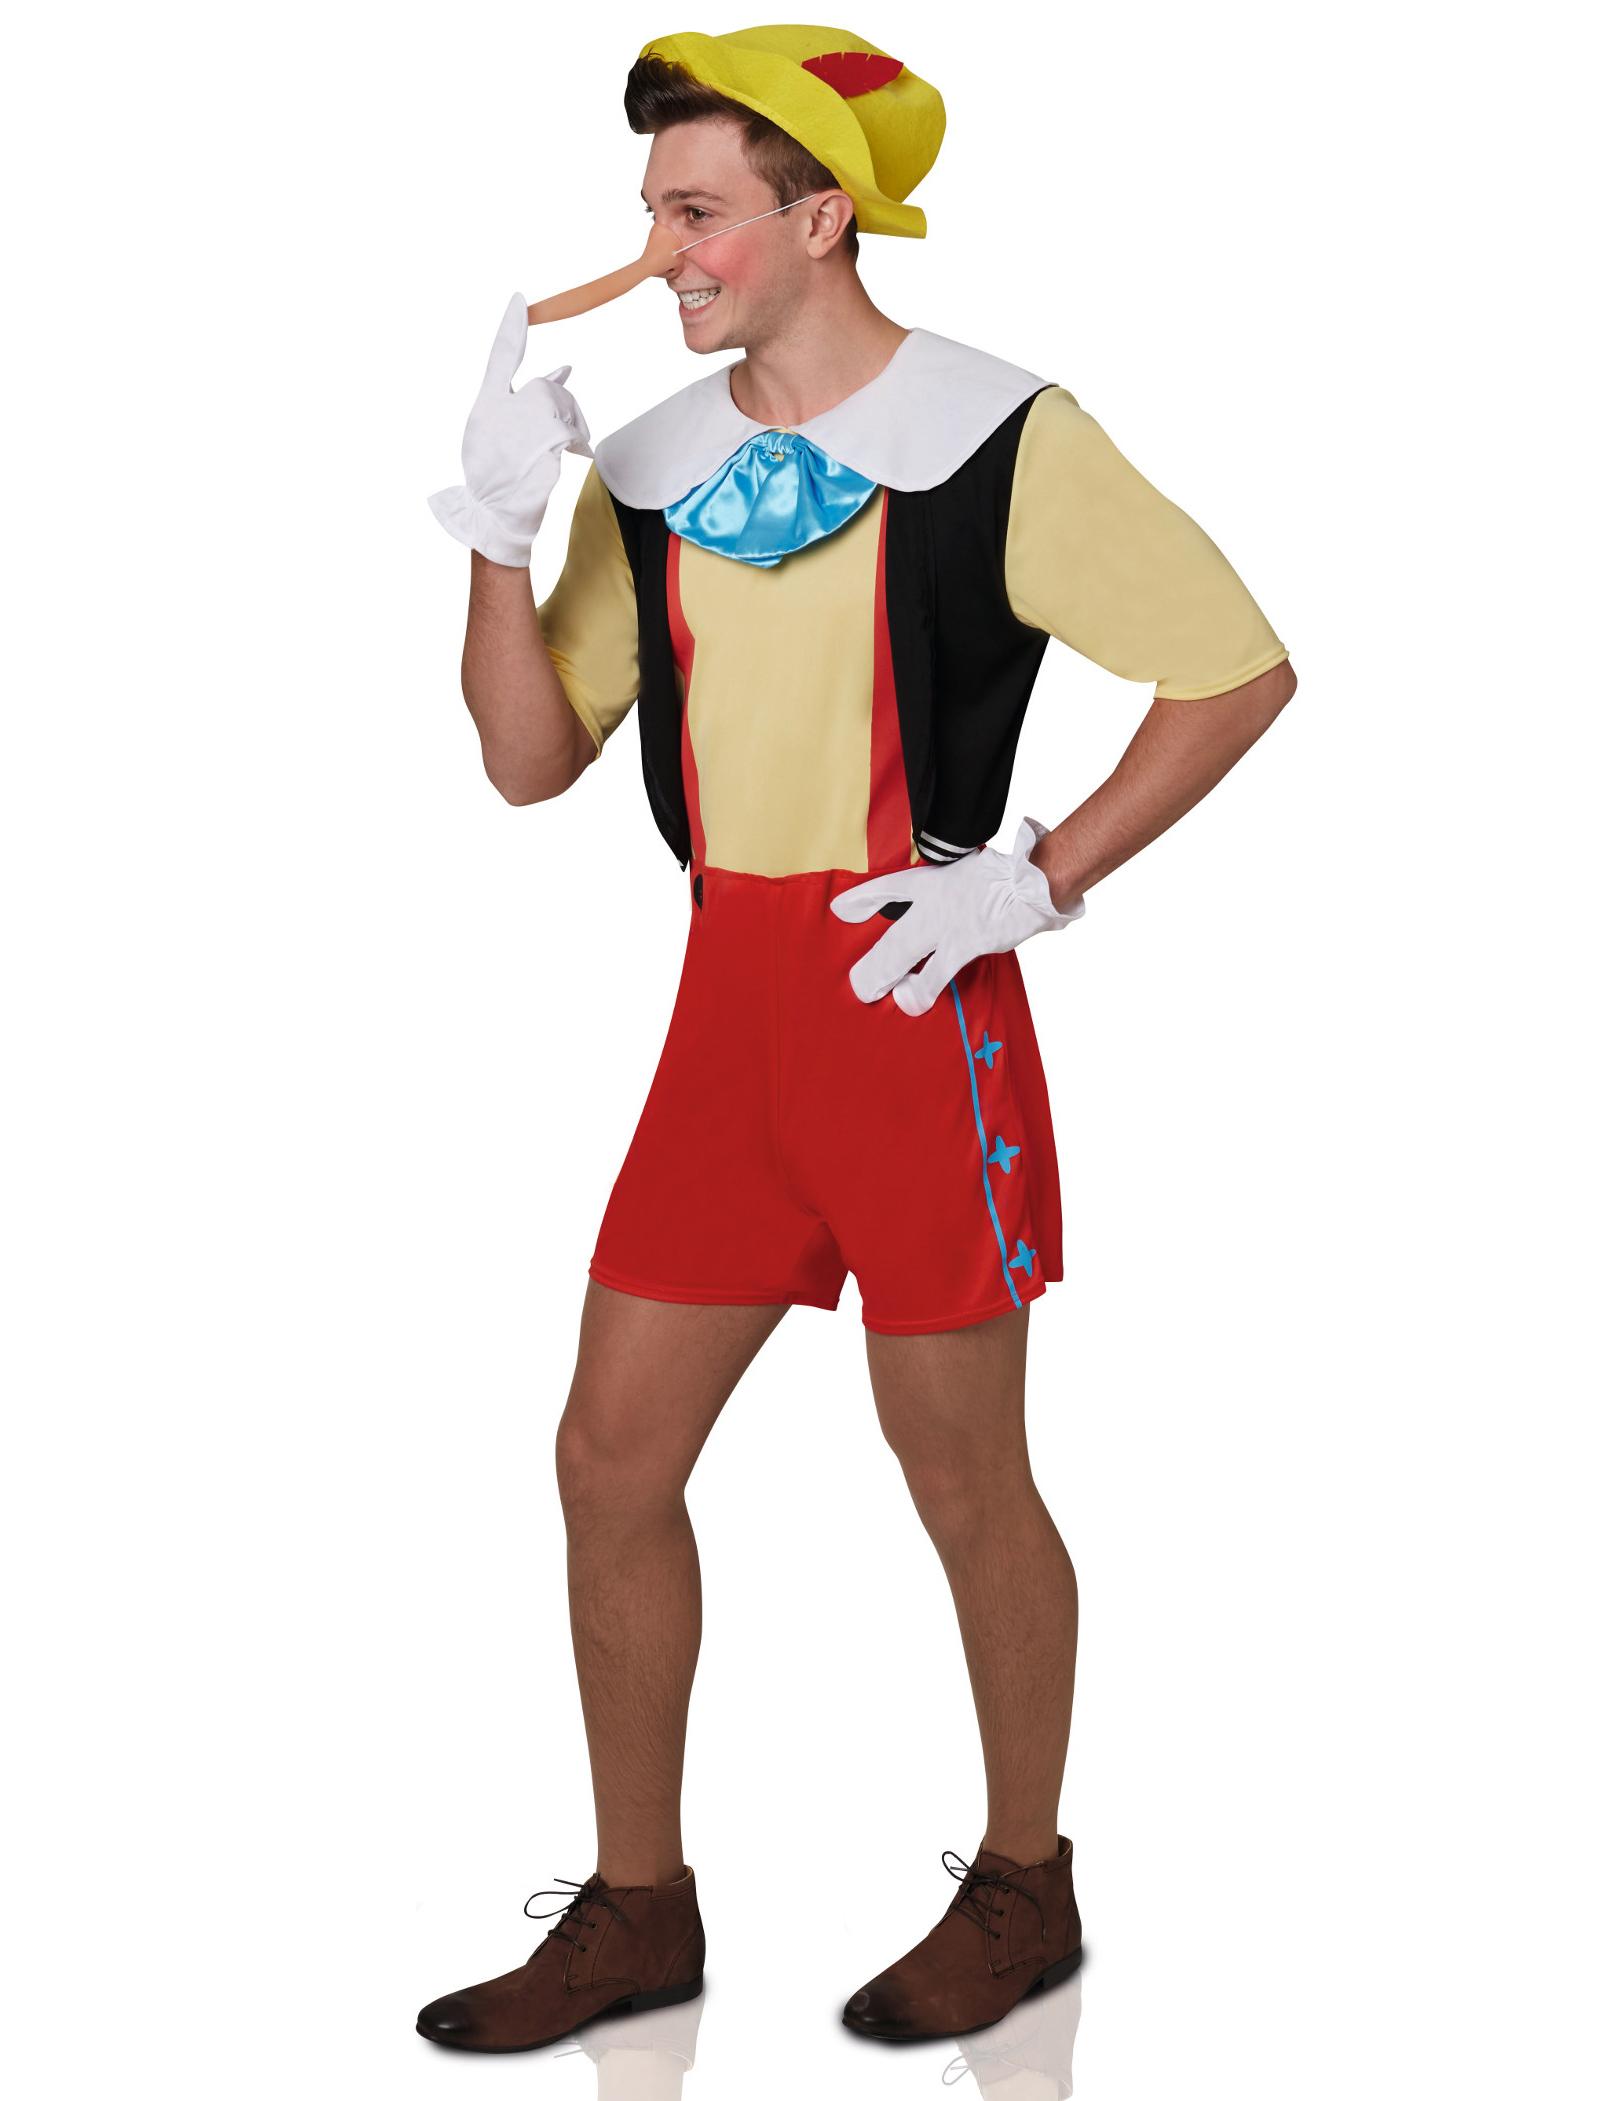 cbac29a2bc6d Costume Pinocchio™ adulto: Costumi adulti,e vestiti di carnevale ...